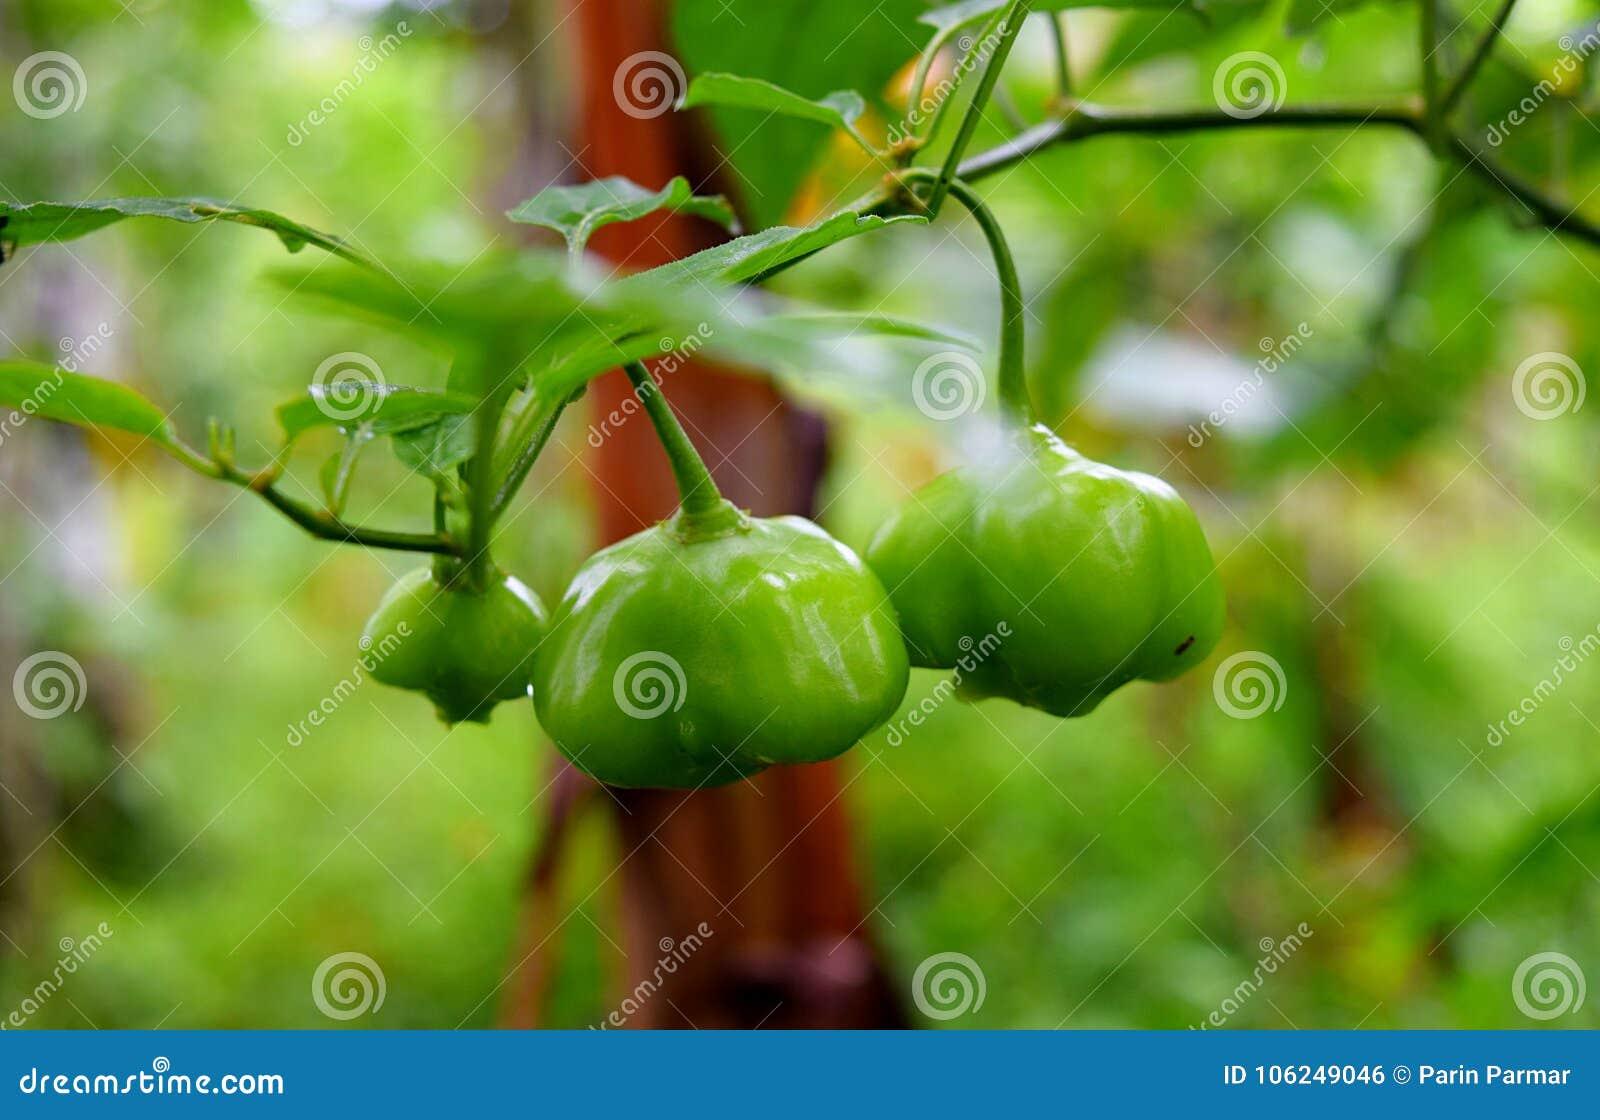 在香料种植园-甜椒-种植的绿色辣椒的果实